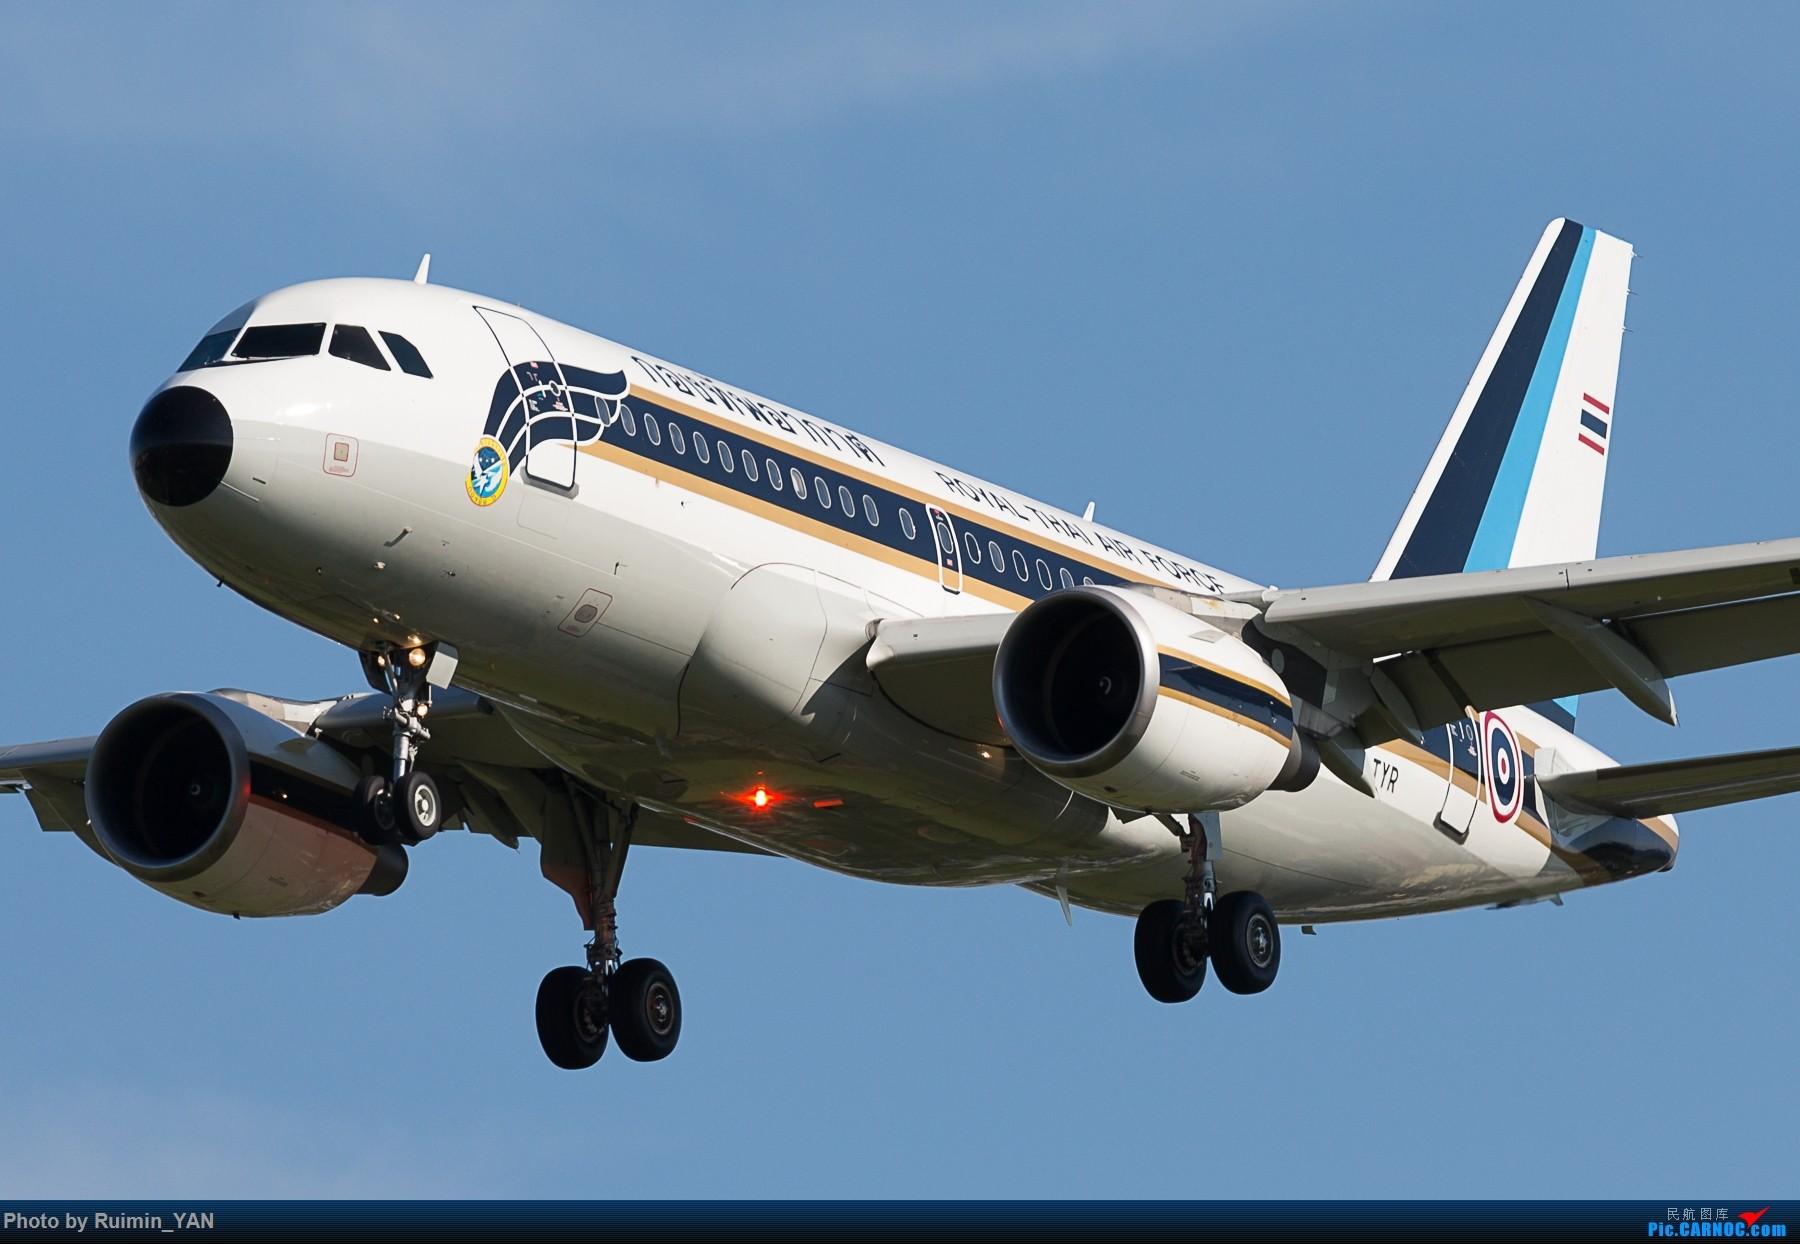 [原创]【PEK】【砖机】泰国副总理兼国防部长巴维访华 泰国皇家空军(RTAF, Royal Thai Air Force) HS-TYR A319CJ AIRBUS A319-115CJ HS-TYR 中国北京首都国际机场